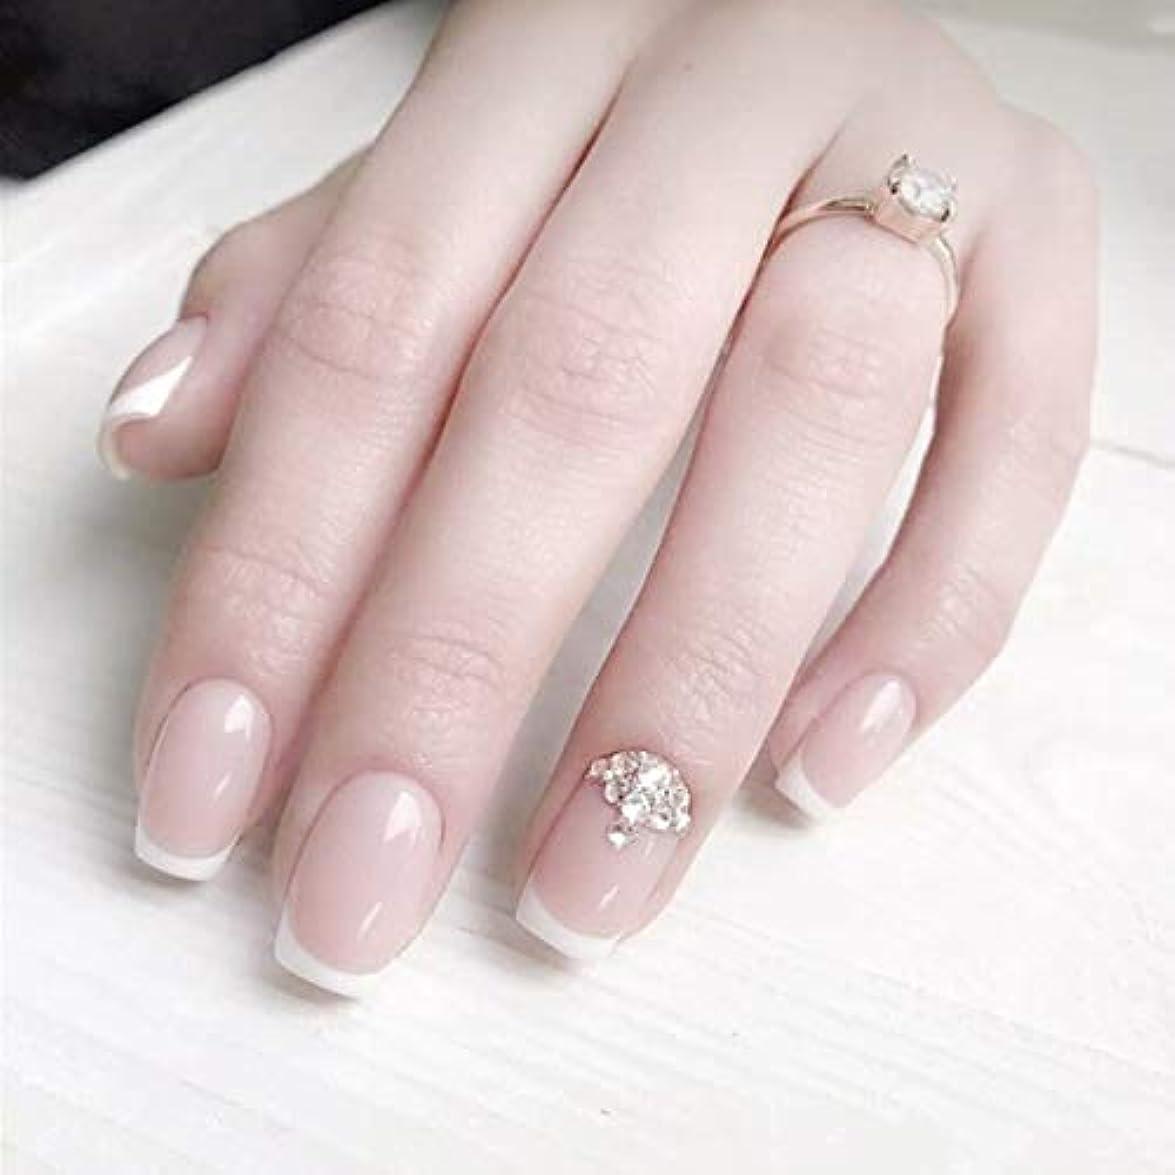 多用途架空のマリンロマンチックのフランス風ネイルチップ 付け爪 花嫁ネイルパーツ つけ爪 ネイルジュエリー ネイルアート